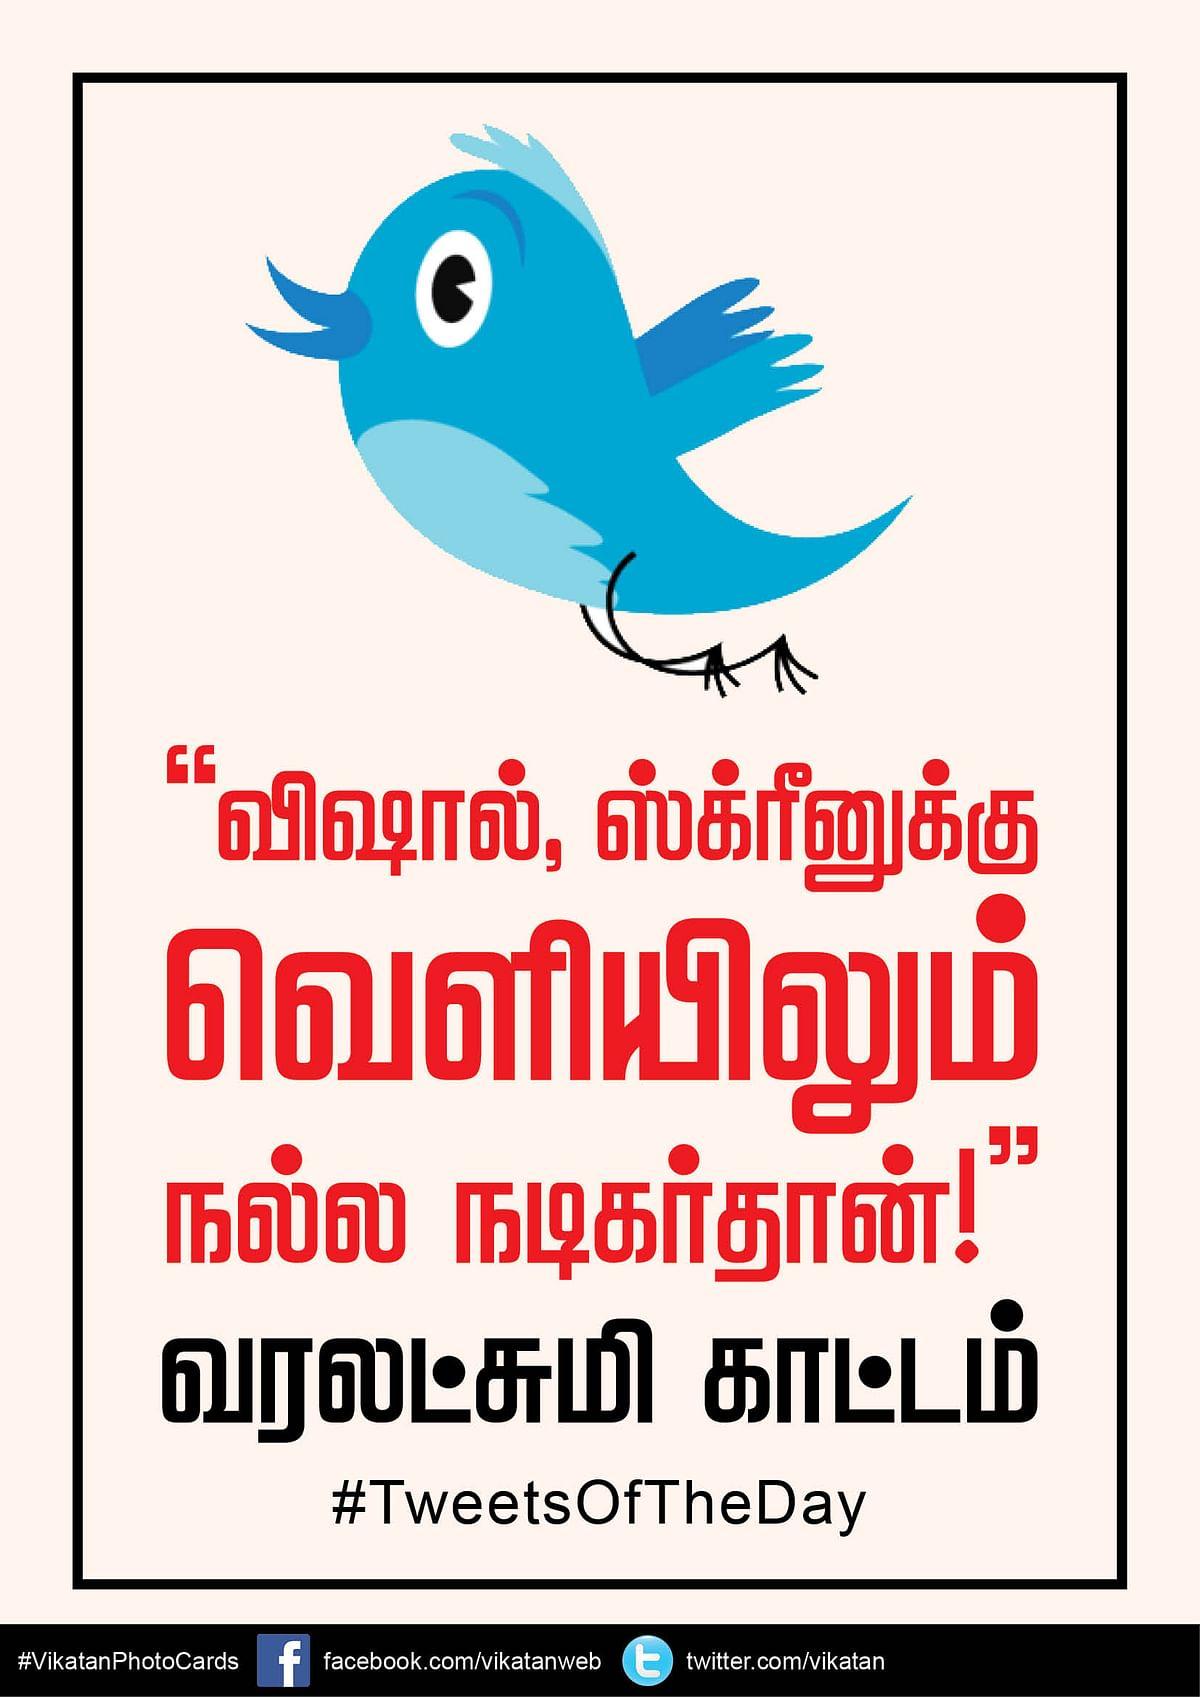 ``விஷால், ஸ்க்ரீனுக்கு வெளியிலும் நல்ல நடிகர்தான்!'' - வரலட்சுமி காட்டம் #TweetsOfTheDay